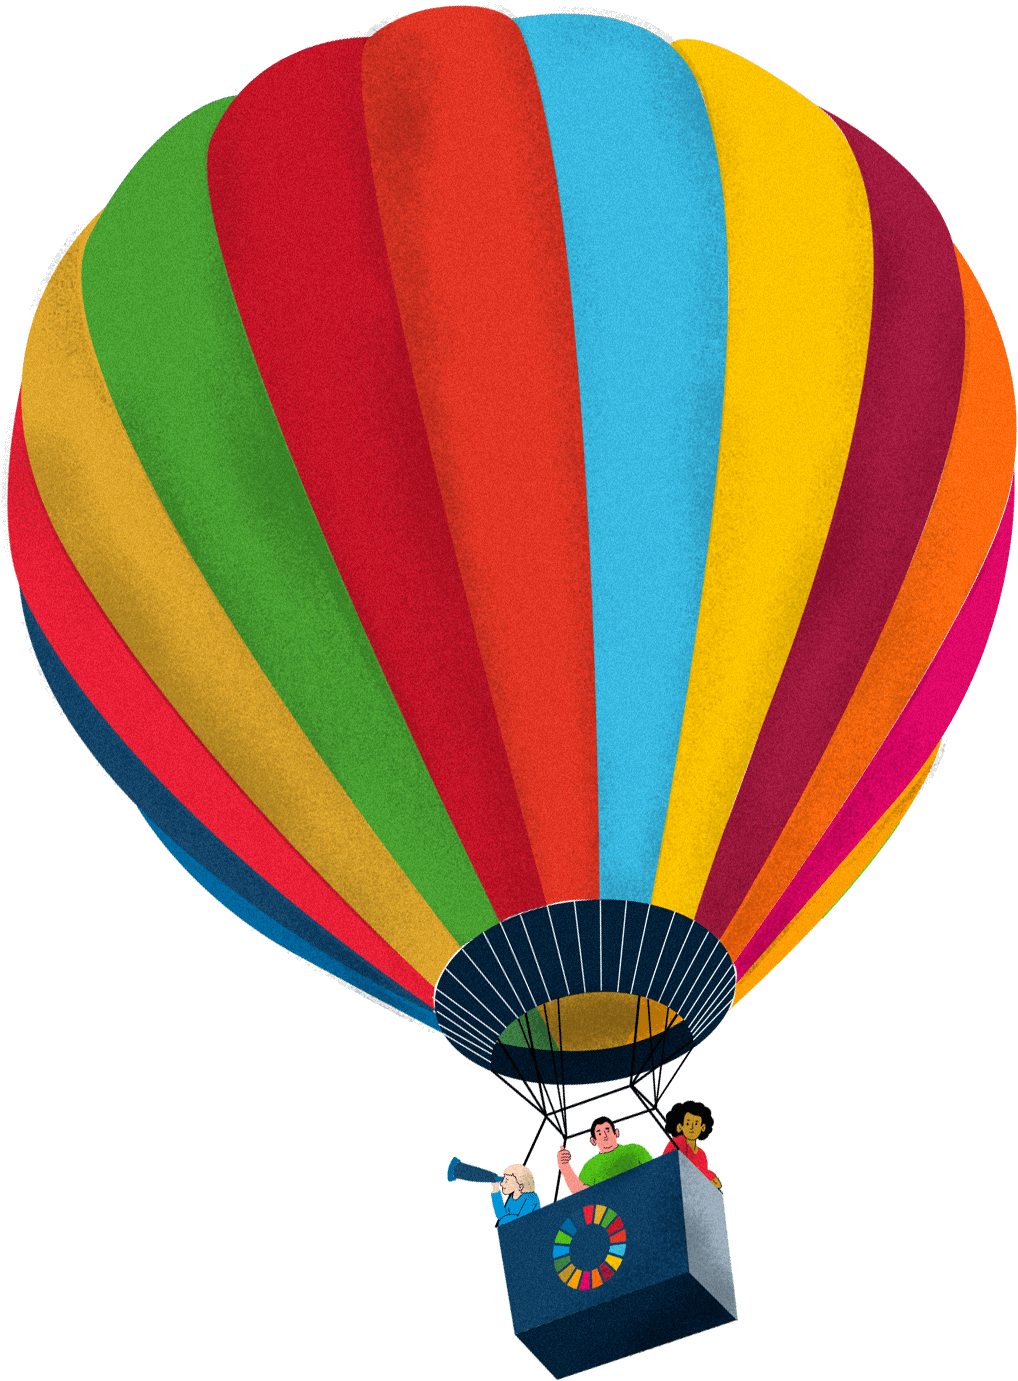 Main balloon